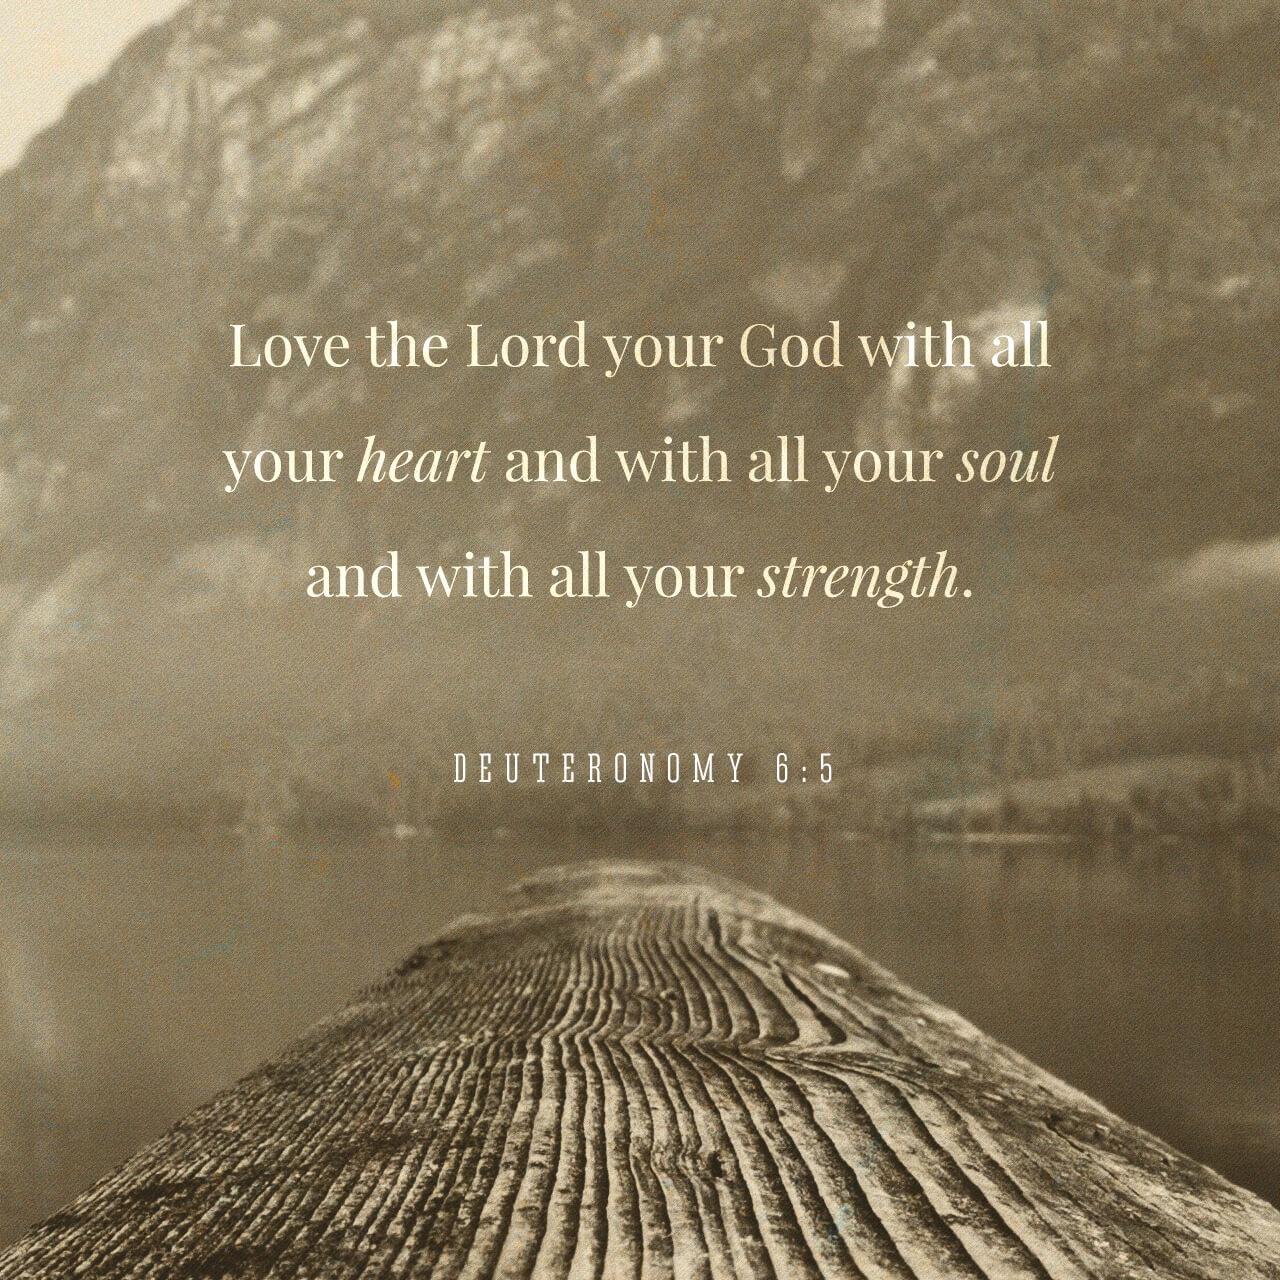 Black and White Read - Deuteronomy 6:5